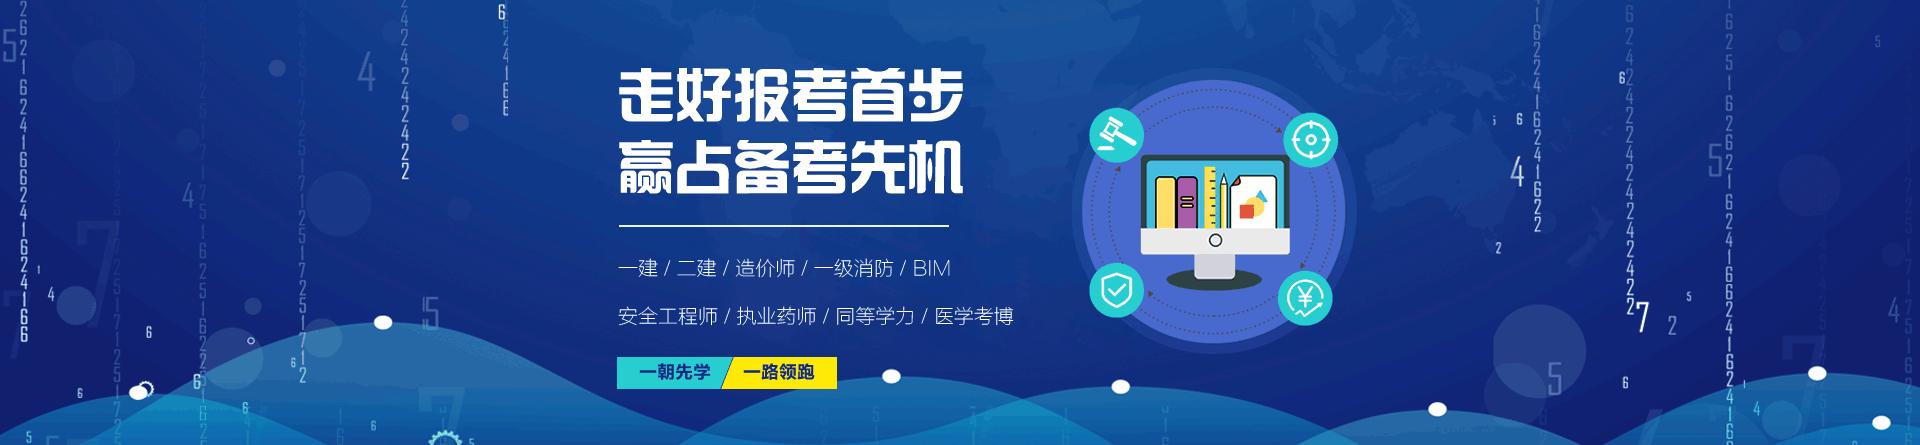 郑州健康管理师培训学校